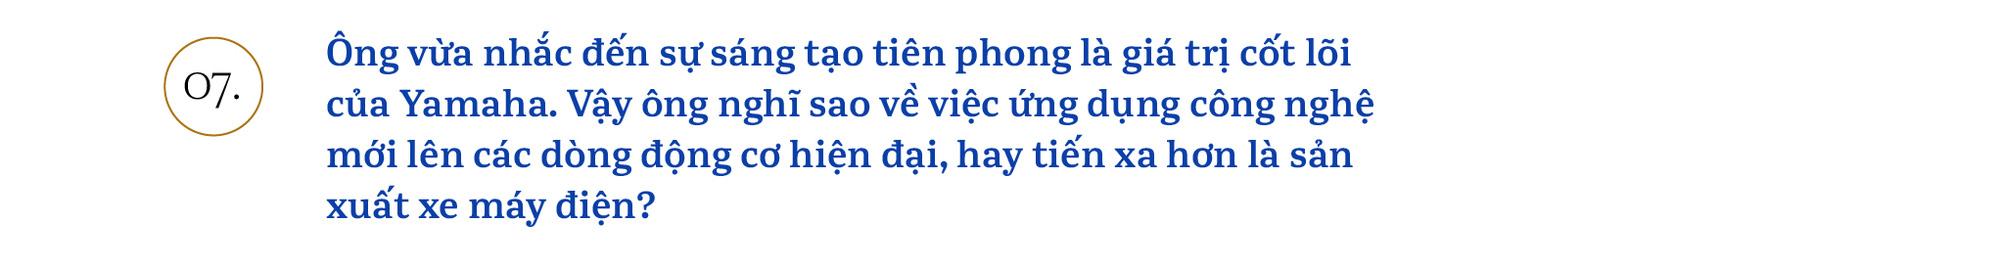 Chủ tịch Yamaha Việt Nam: 'Chúng tôi sẽ khơi dậy khách hàng trẻ tìm được bản ngã của chính mình' - Ảnh 13.